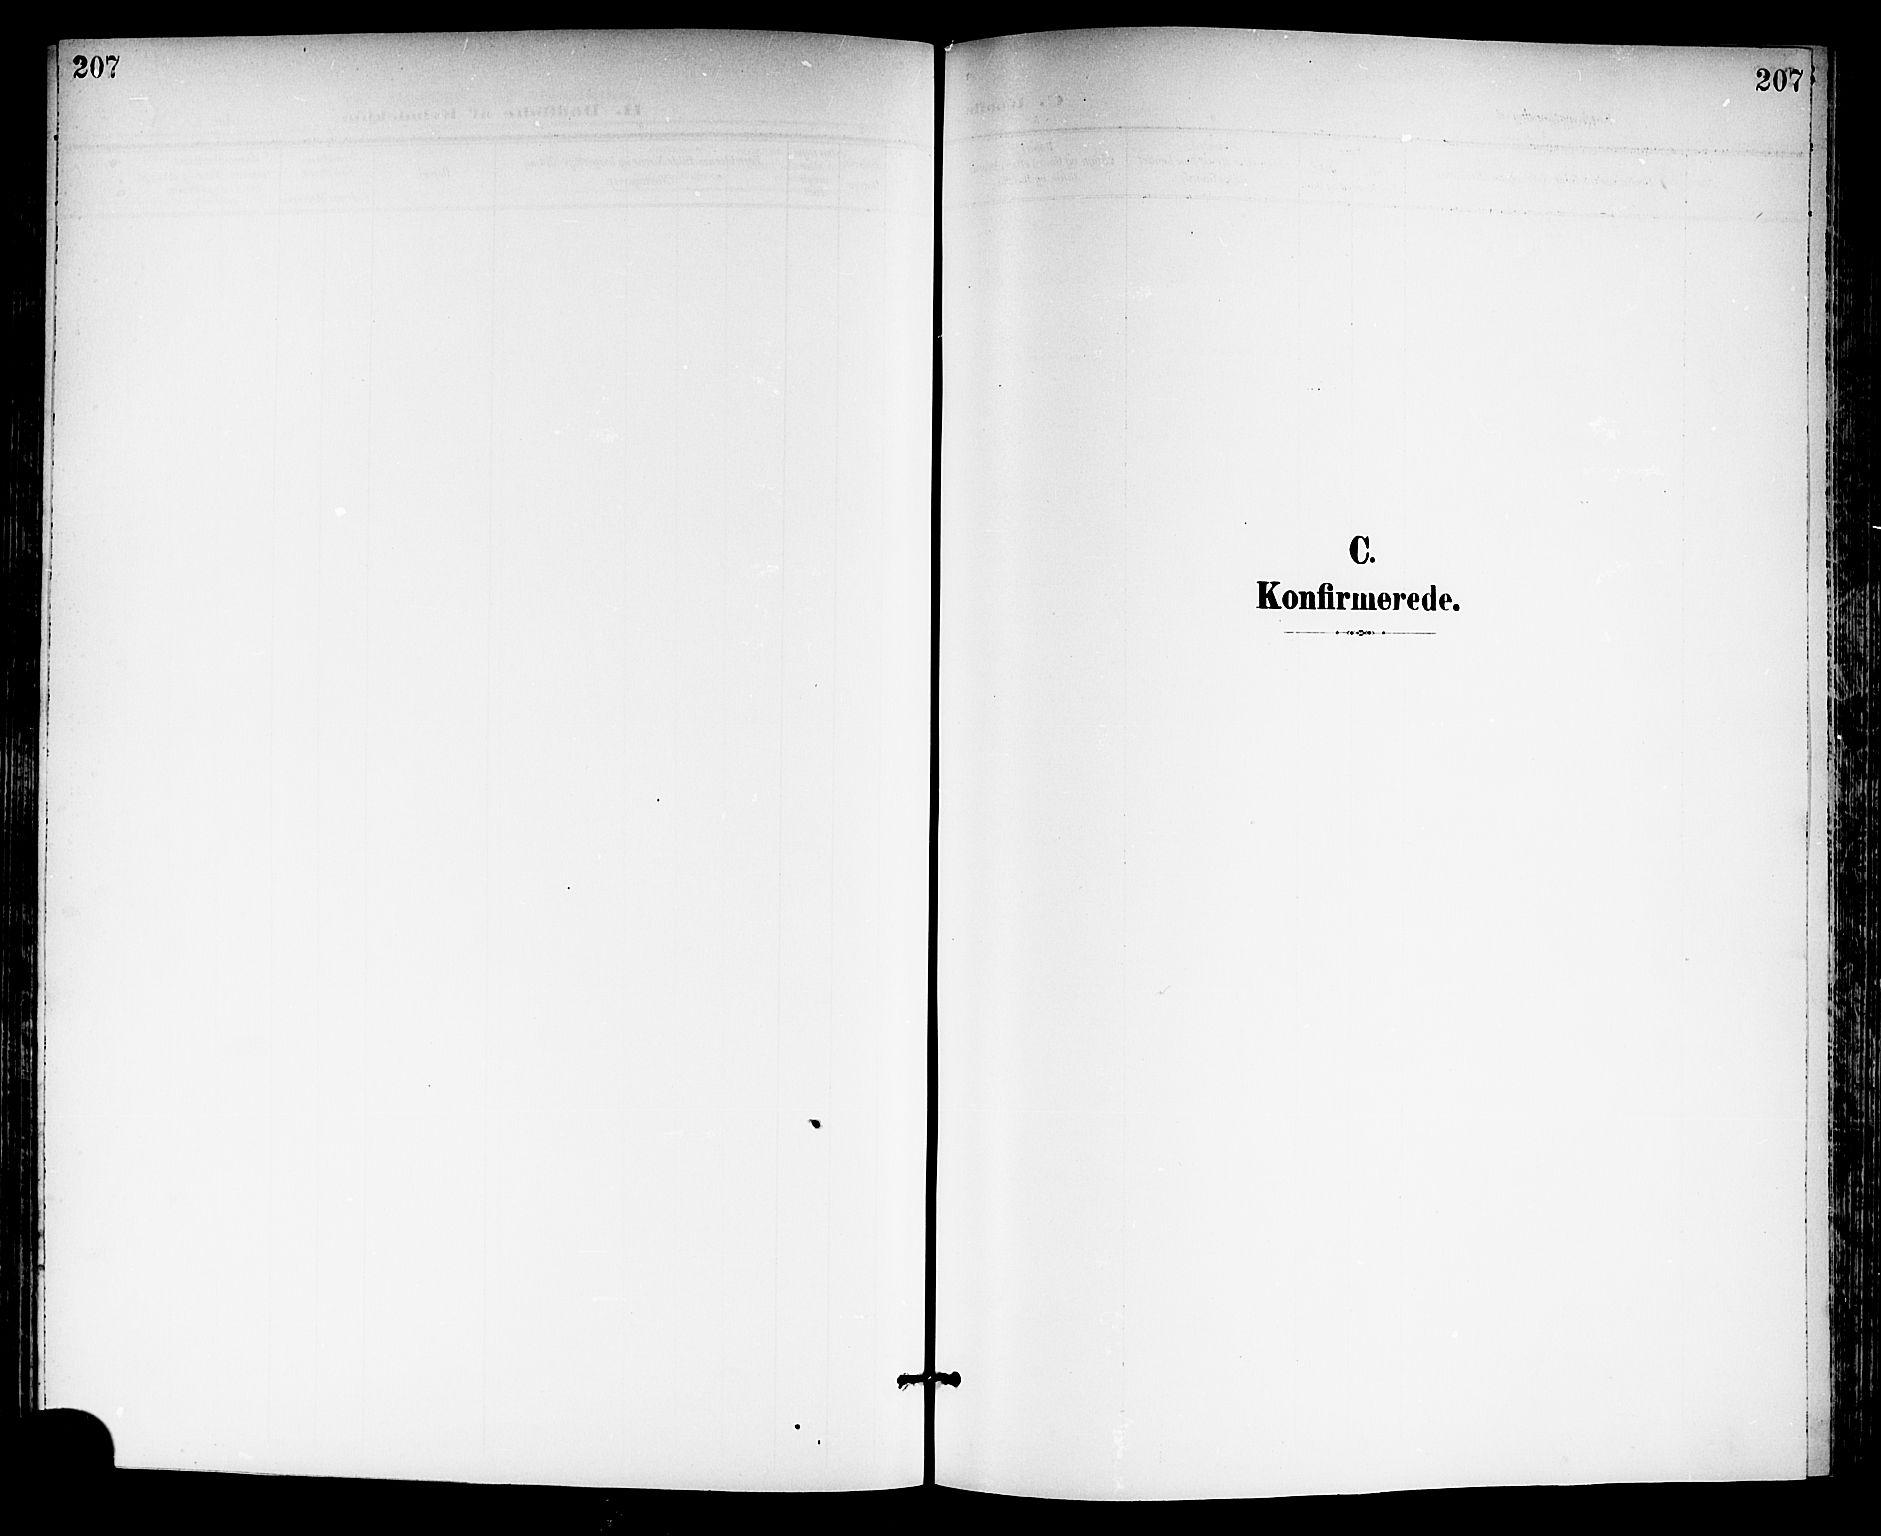 SAKO, Gjerpen kirkebøker, G/Ga/L0003: Klokkerbok nr. I 3, 1901-1919, s. 207